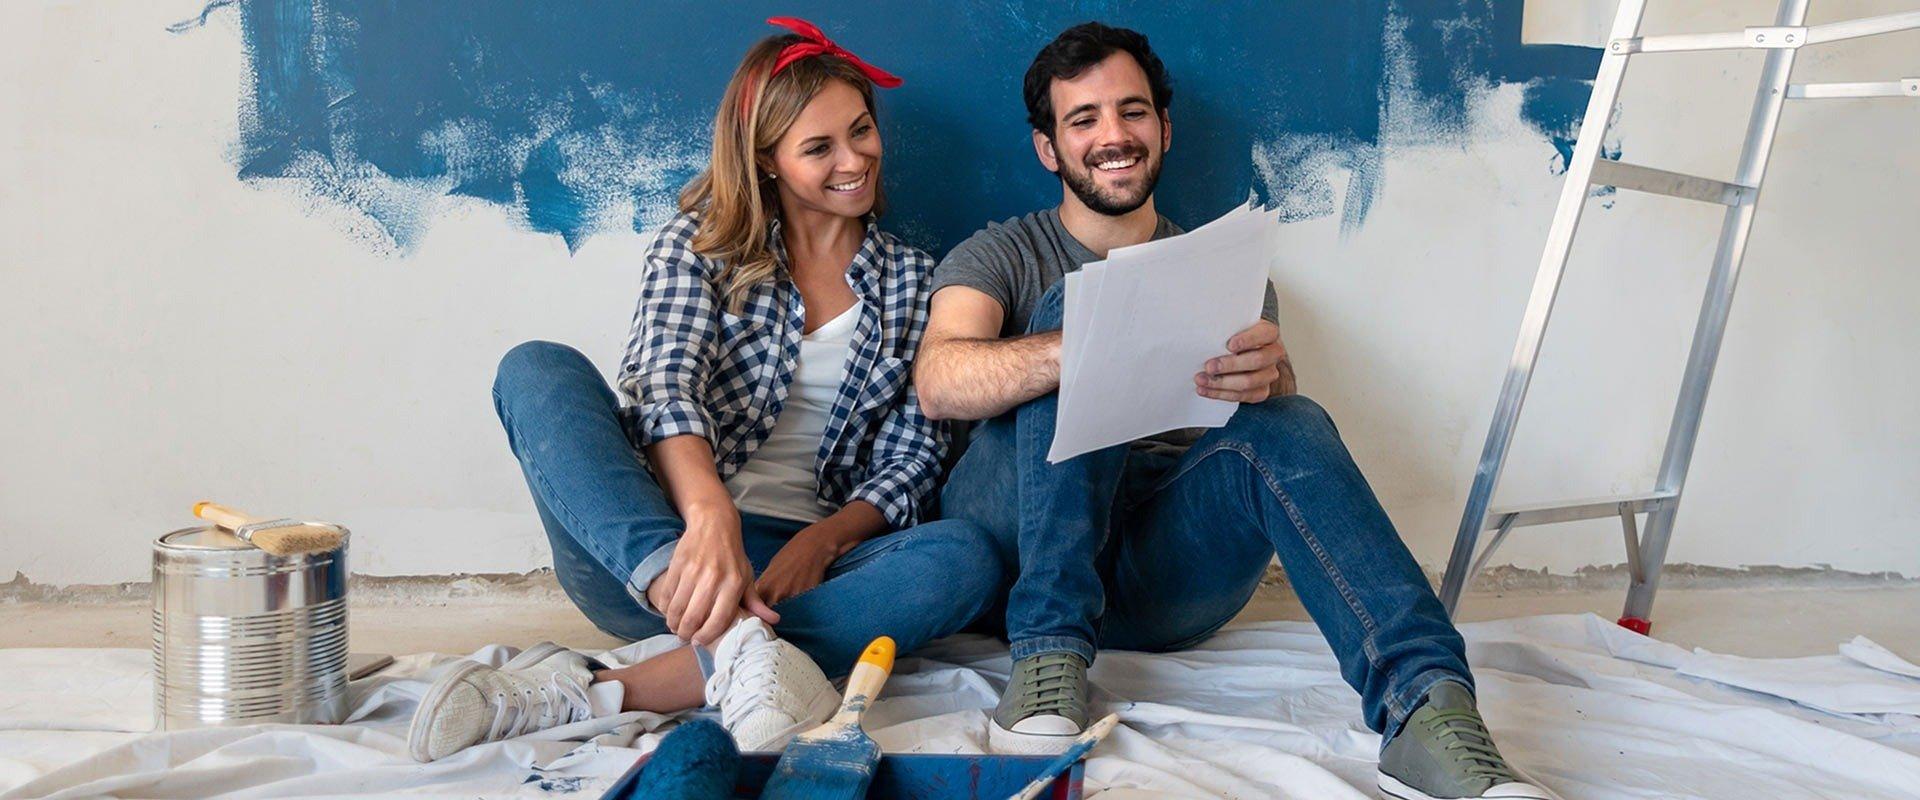 Pożyczka z Karty – alternatywa dla pożyczki gotówkowej